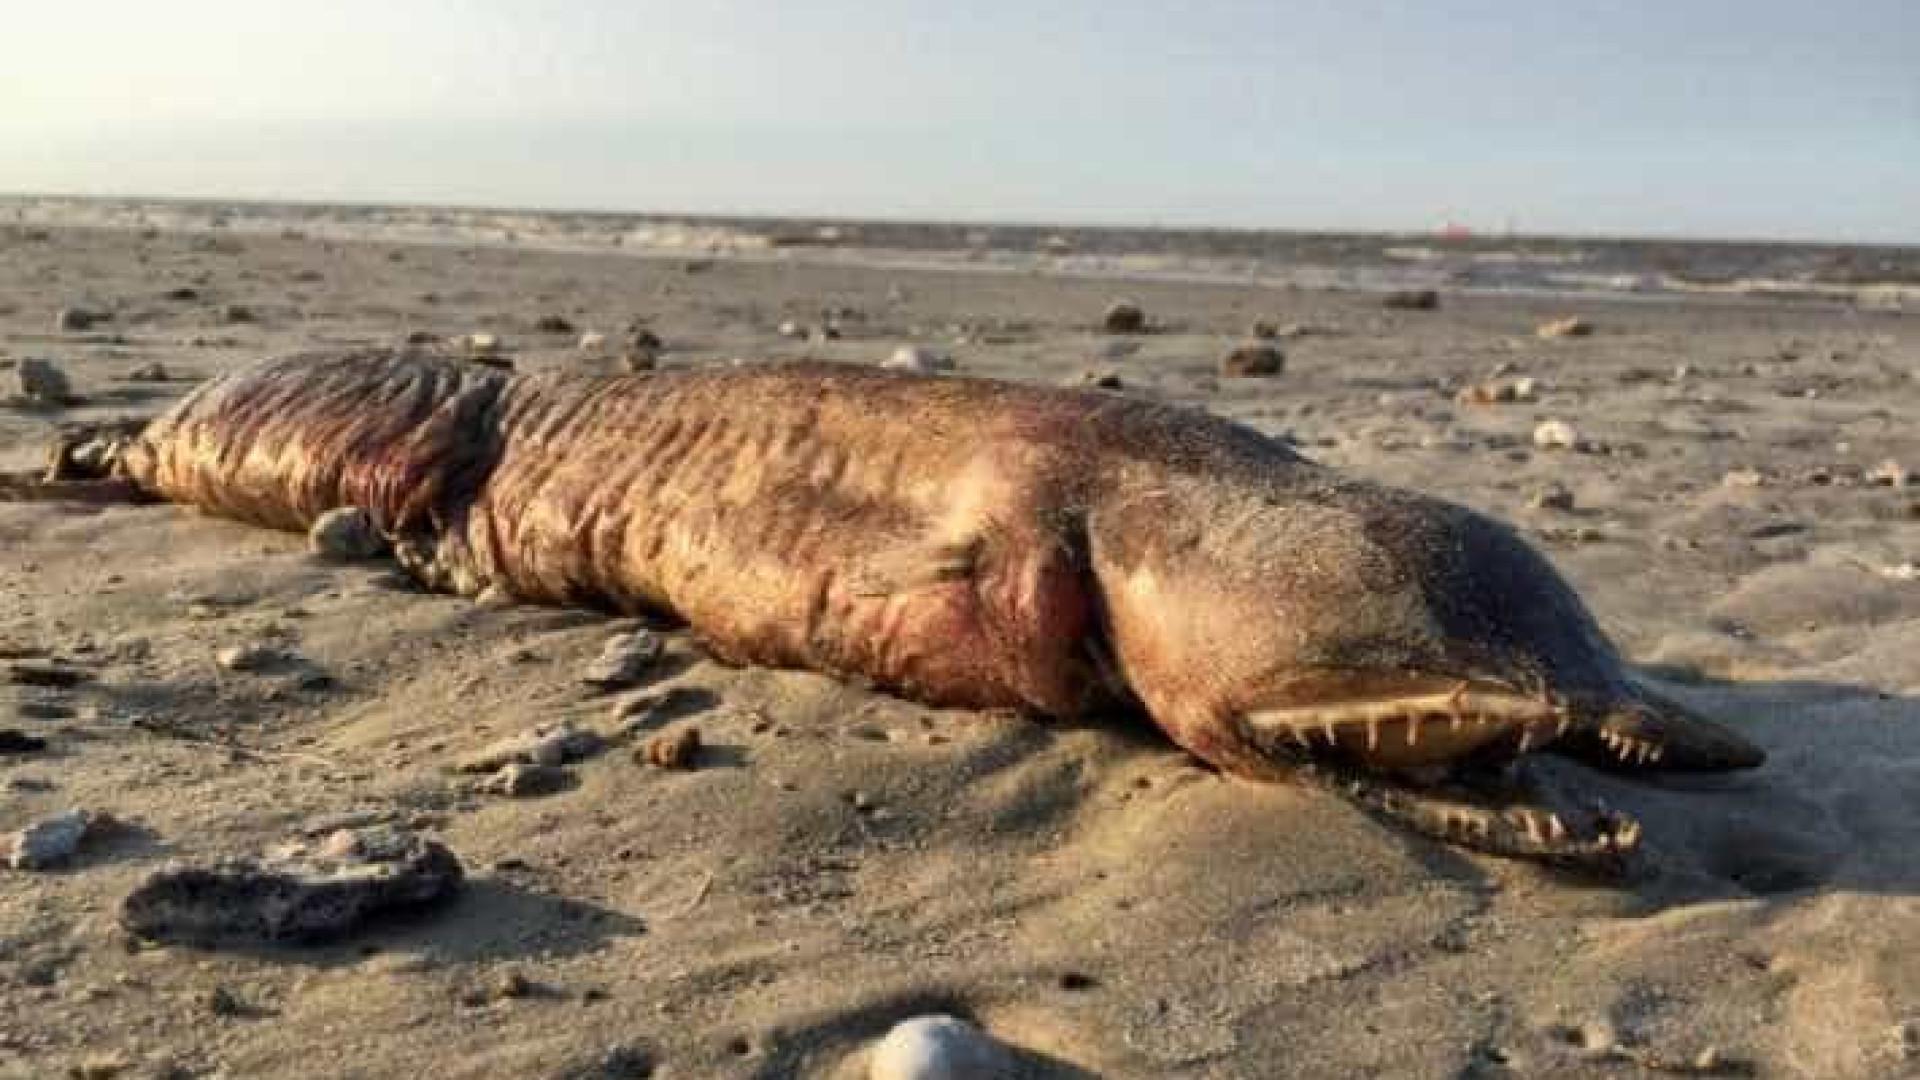 Estranha criatura é encontrada em praia dos EUA após passagem de furacão